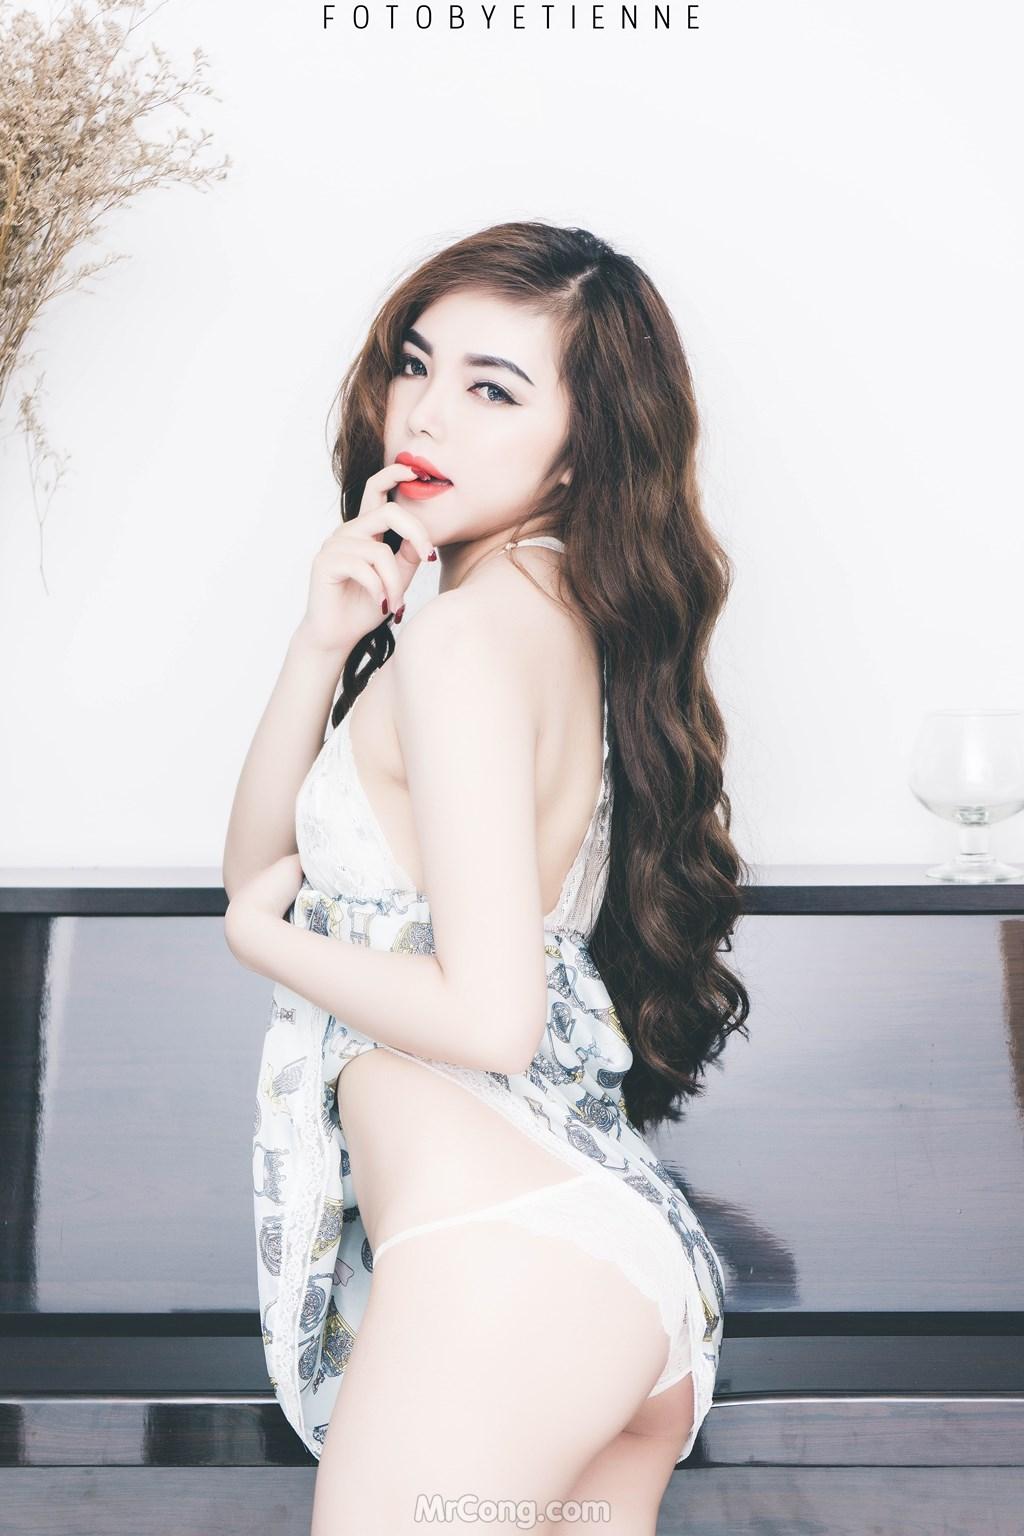 Image Sexy-Vietnamese-Models-by-Le-Blanc-Studio-Phan-1-MrCong.com-015 in post Những bức ảnh nội y, bikini siêu nóng bỏng của Le Blanc Studio - Phần 1 (465 ảnh)